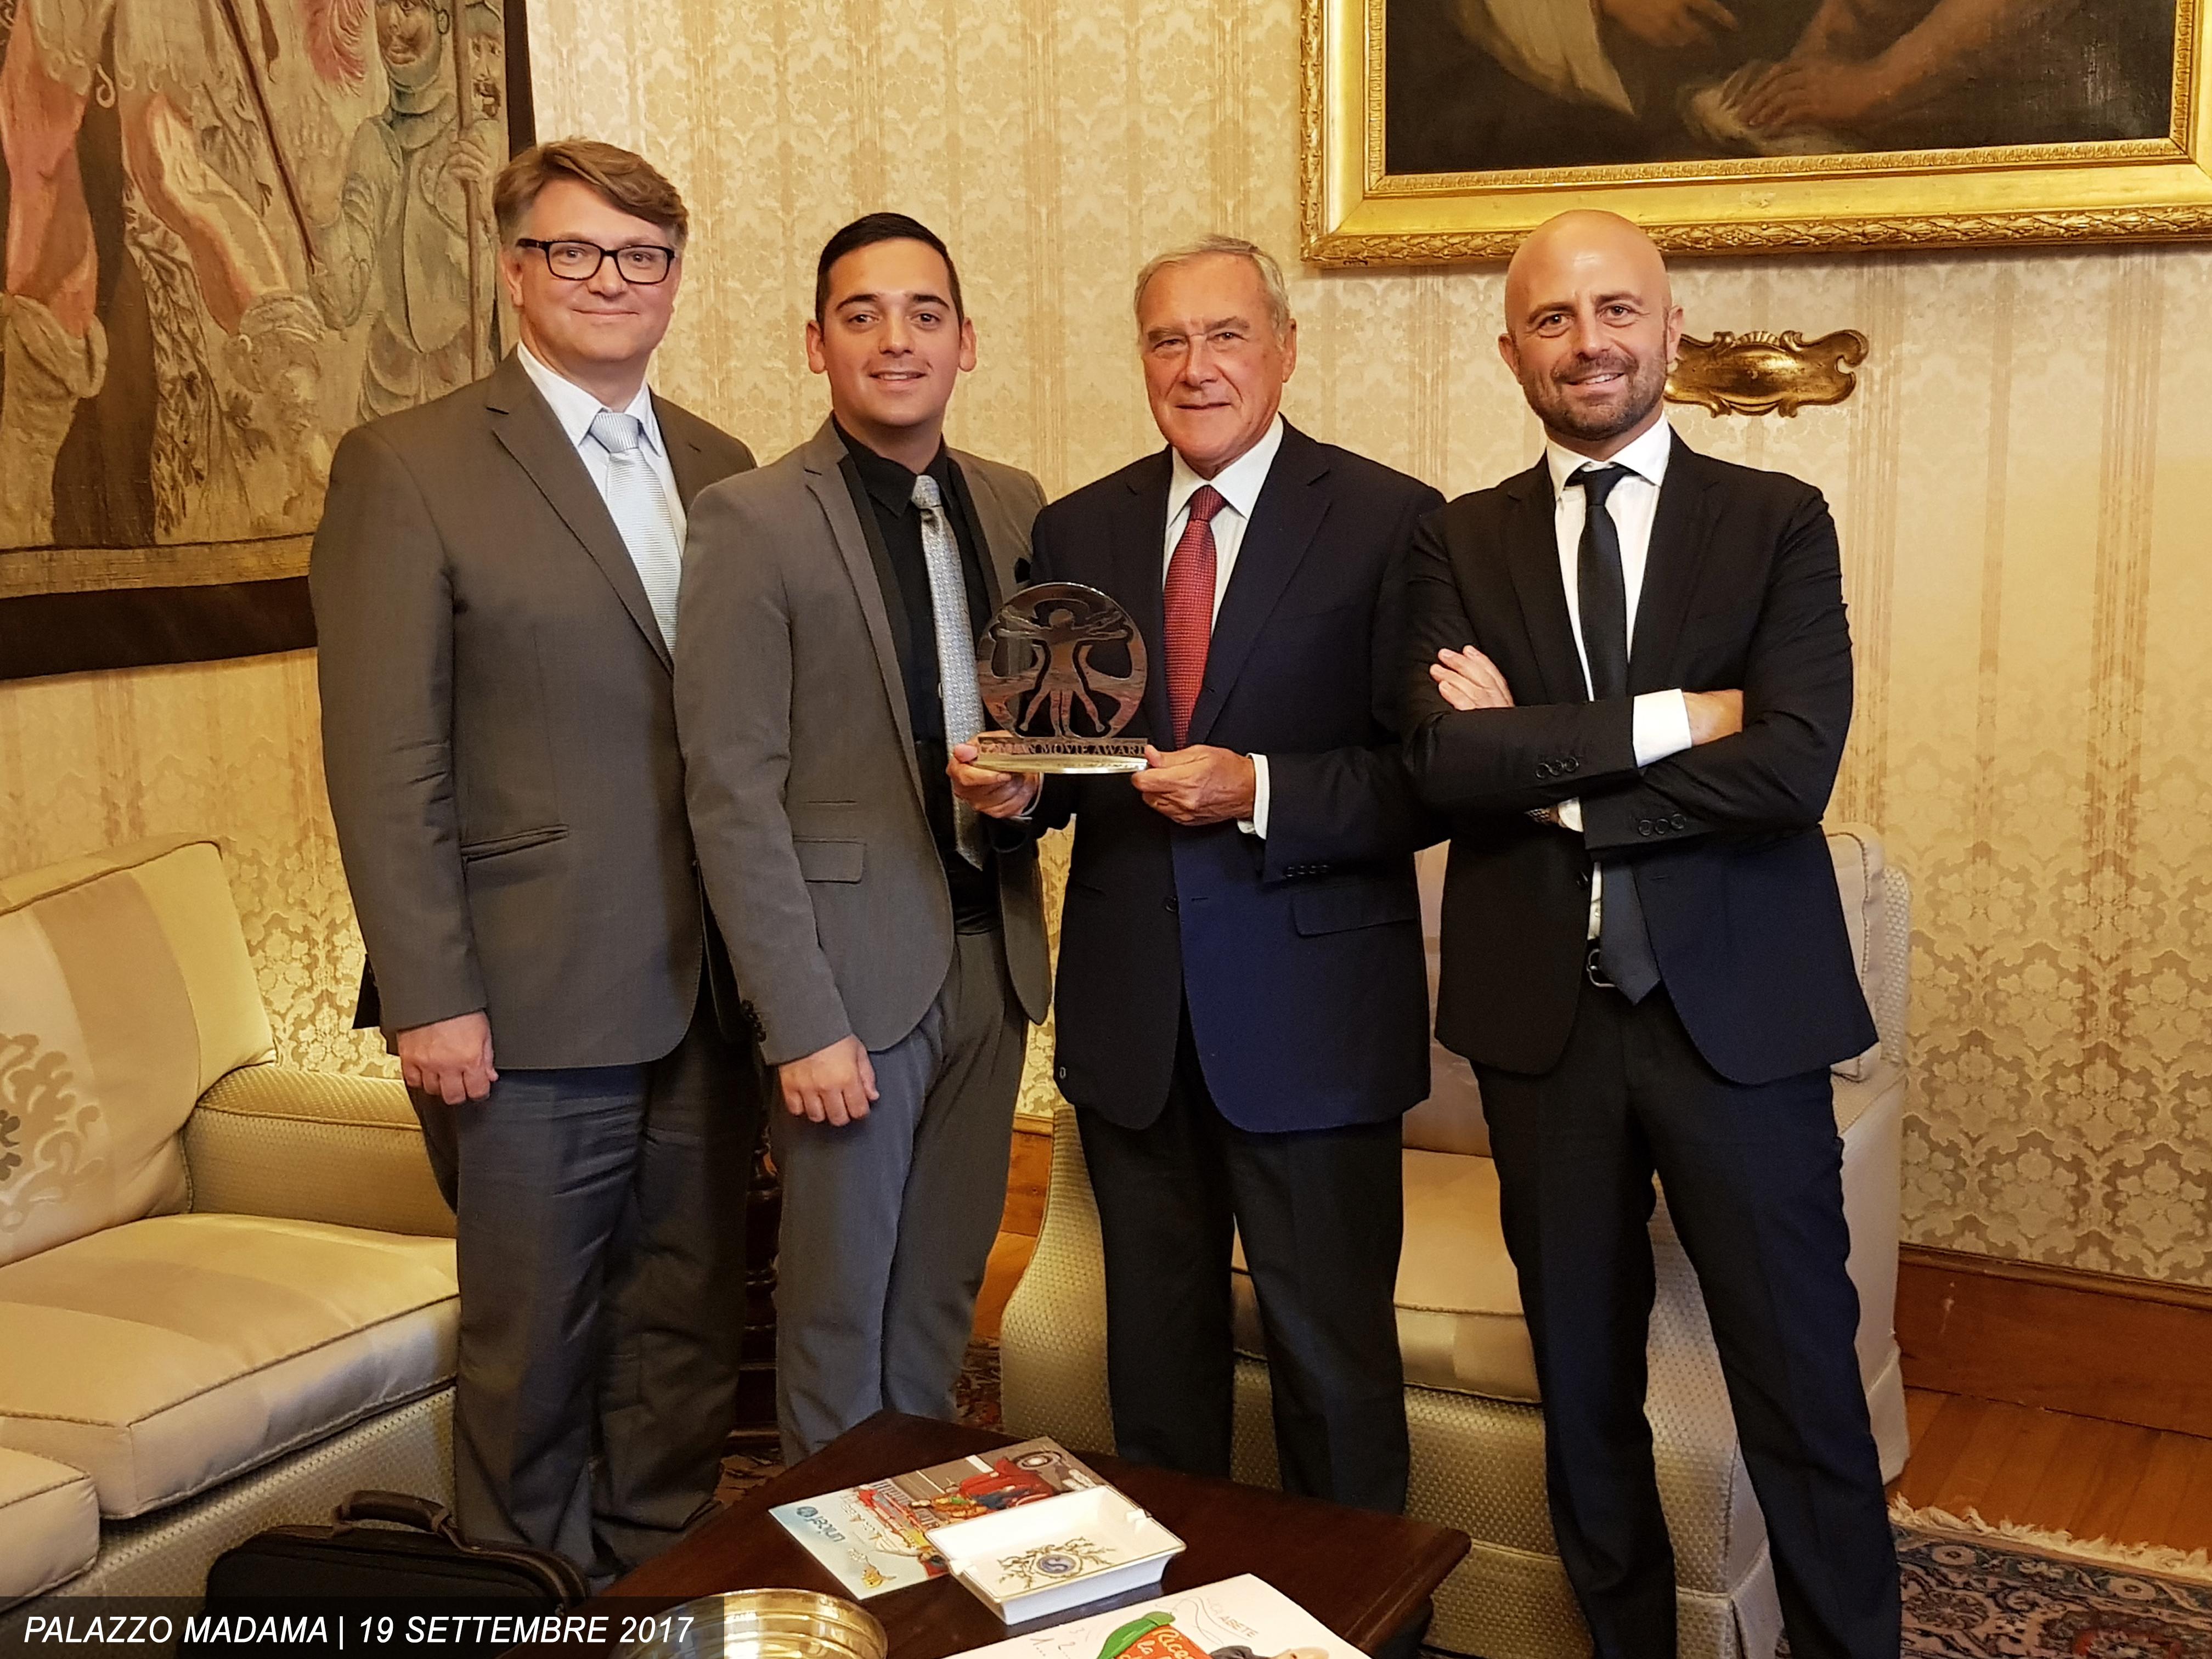 presidenza_senato_incontro_carlo_fumo_pietro_grasso